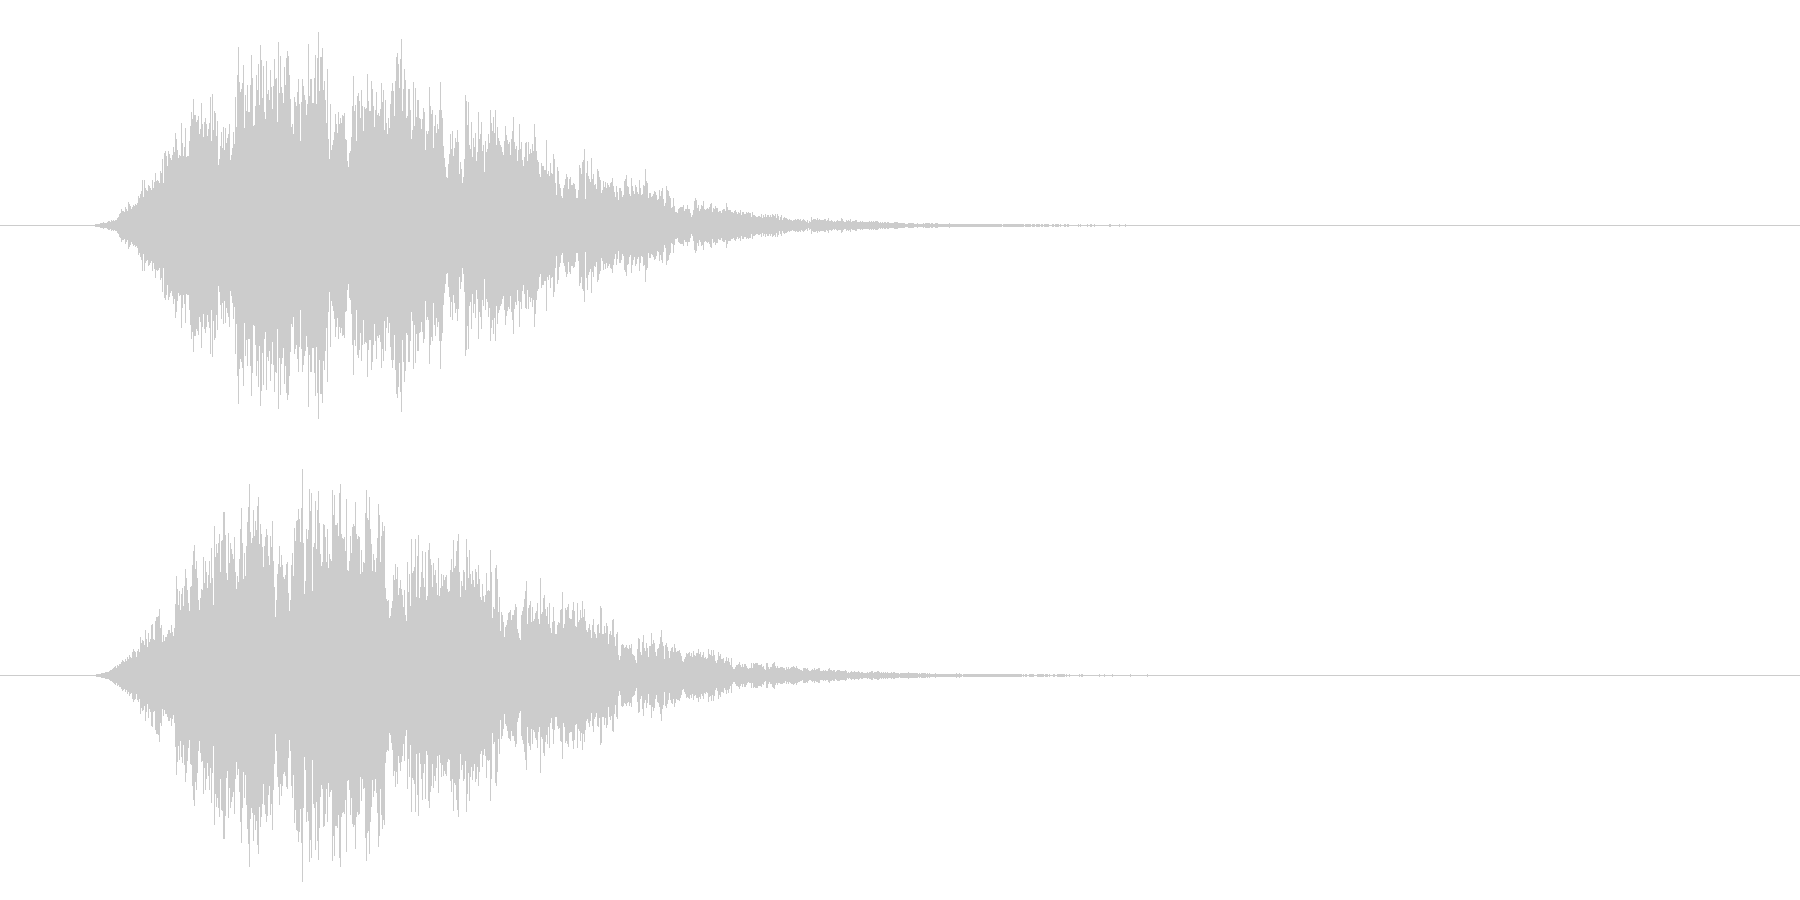 シュウィン 移動 インパクト音 ロゴの未再生の波形